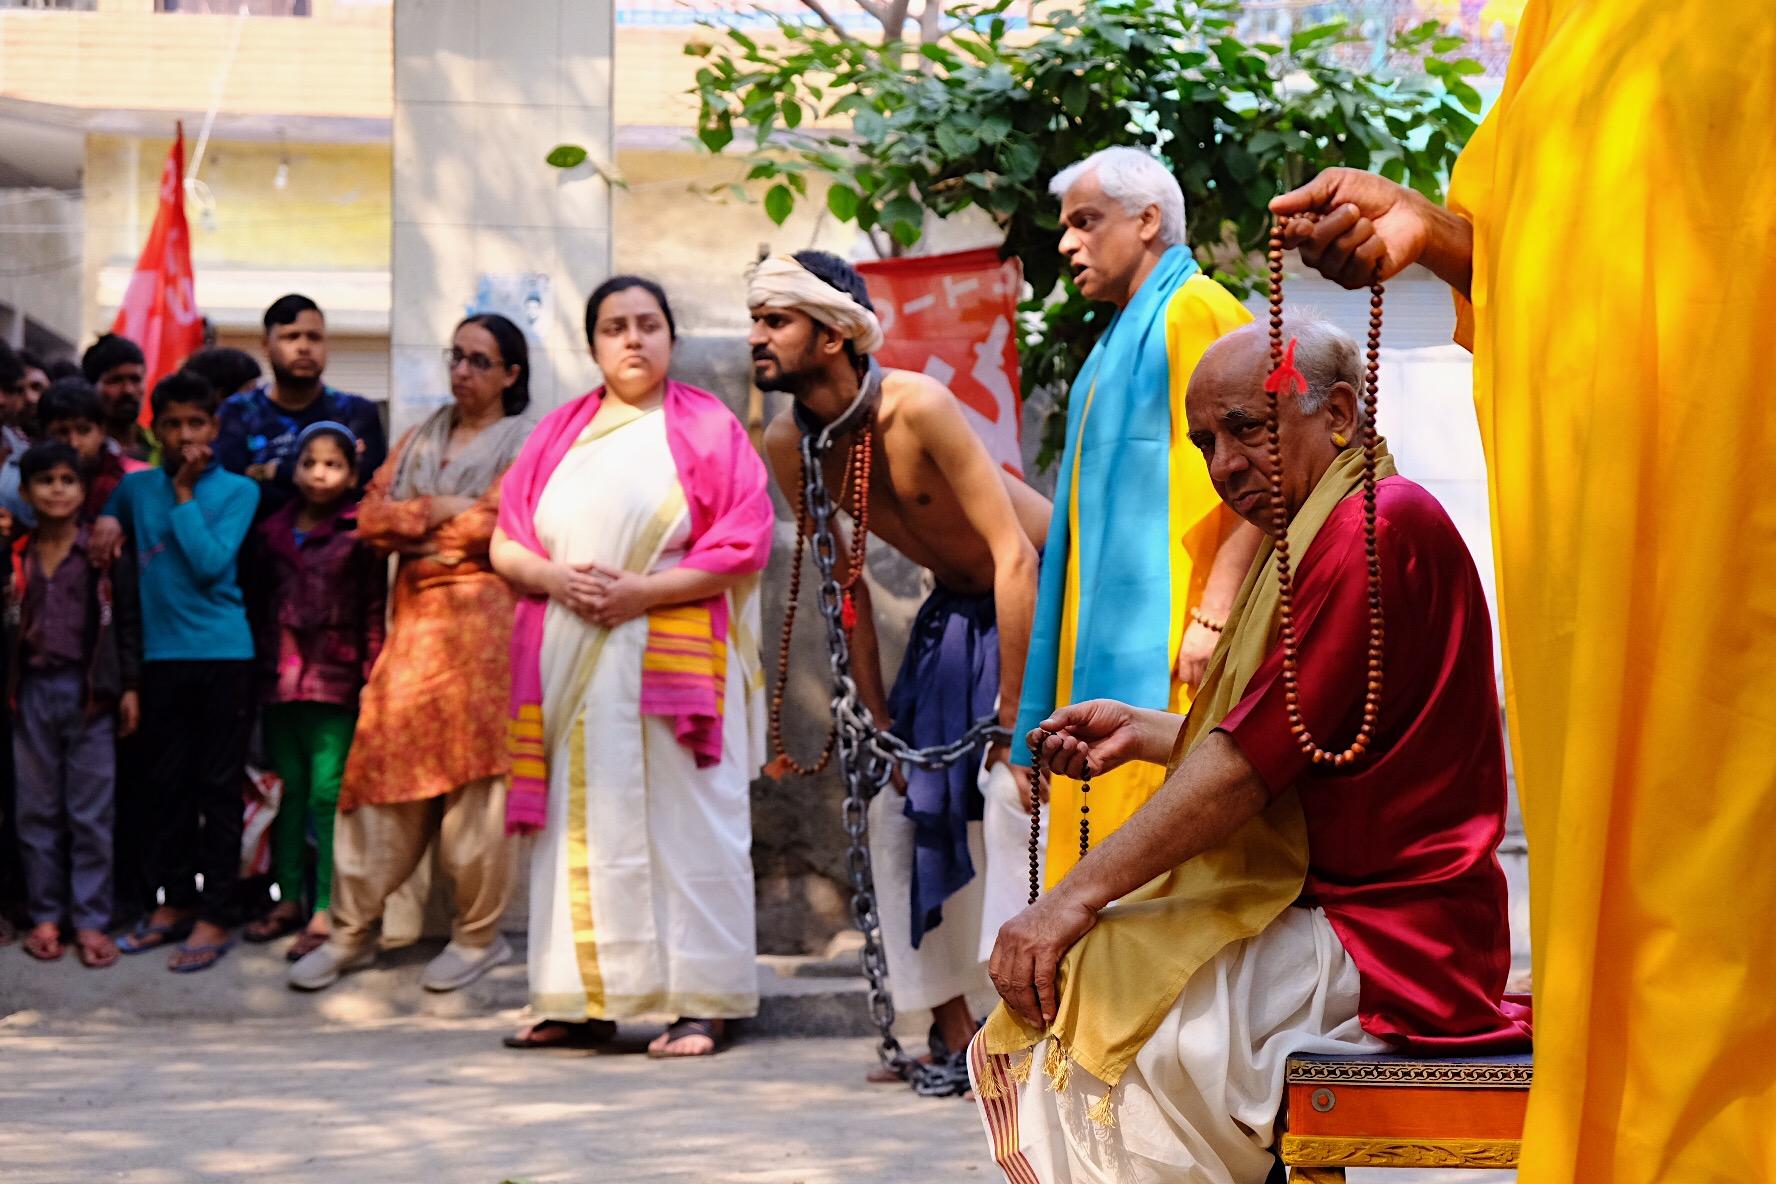 Члены труппы Jana Natya Manch играют пьесу о кастовом неравенстве в рабочем пригороде Дели. 2020. Фото: Наталья Гузеватая